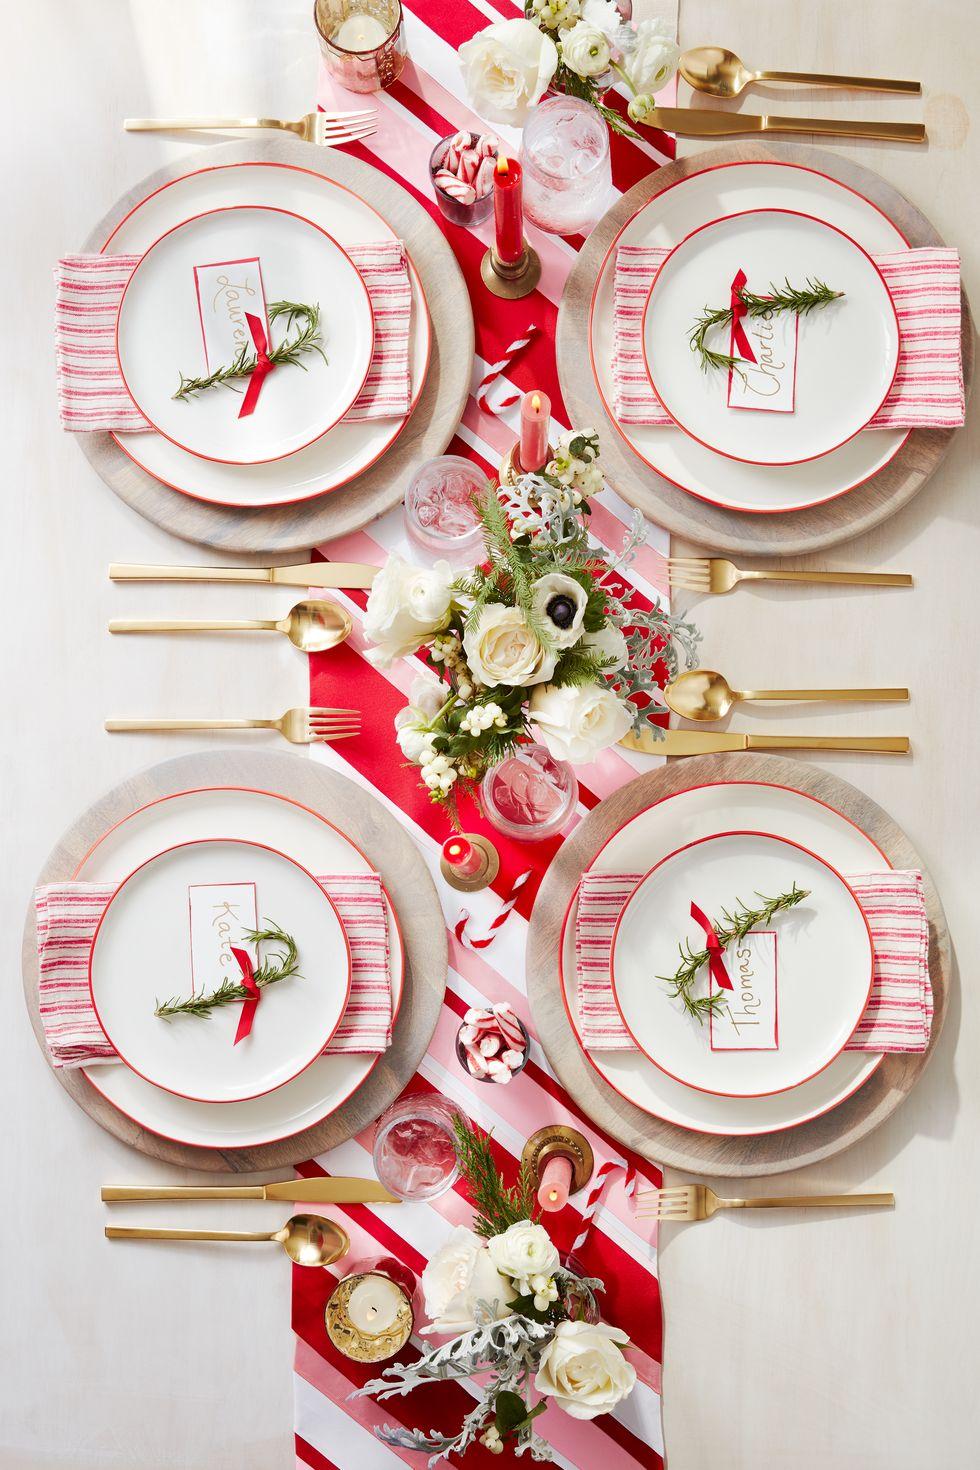 مدل میز زیبا سفید و قرمز کریسمس 2020